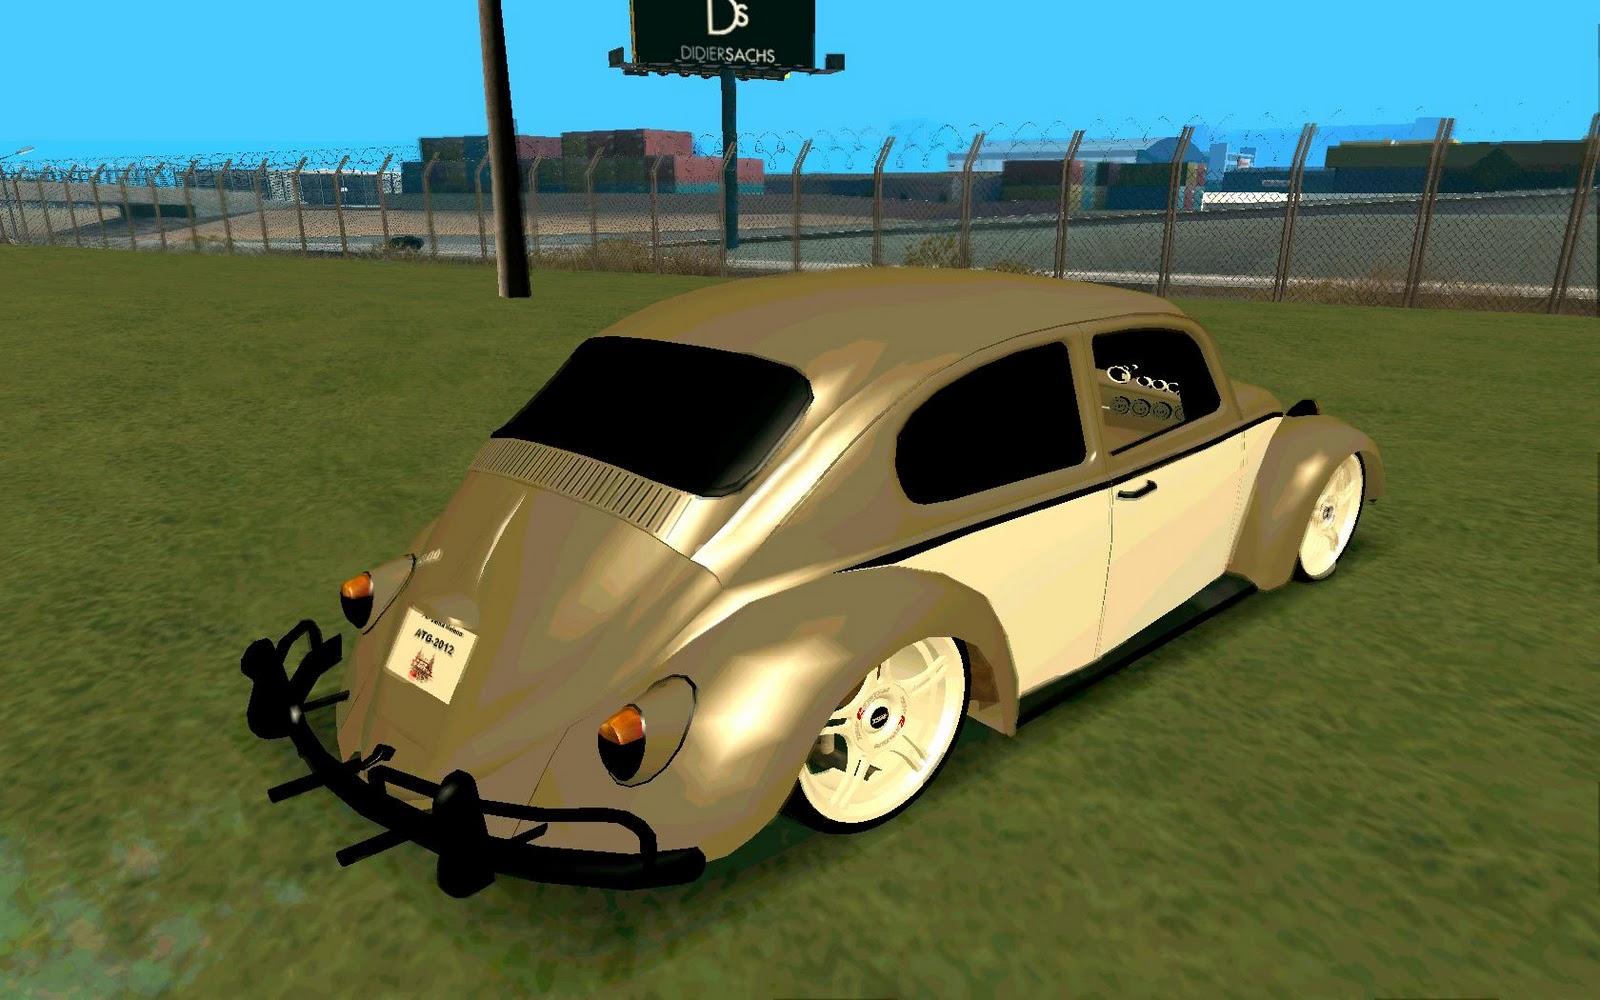 http://2.bp.blogspot.com/-6gxt4lwqdD8/Txc_Dg_5vUI/AAAAAAAABtw/L_cXOvyPIkM/s1600/gallery393.jpg